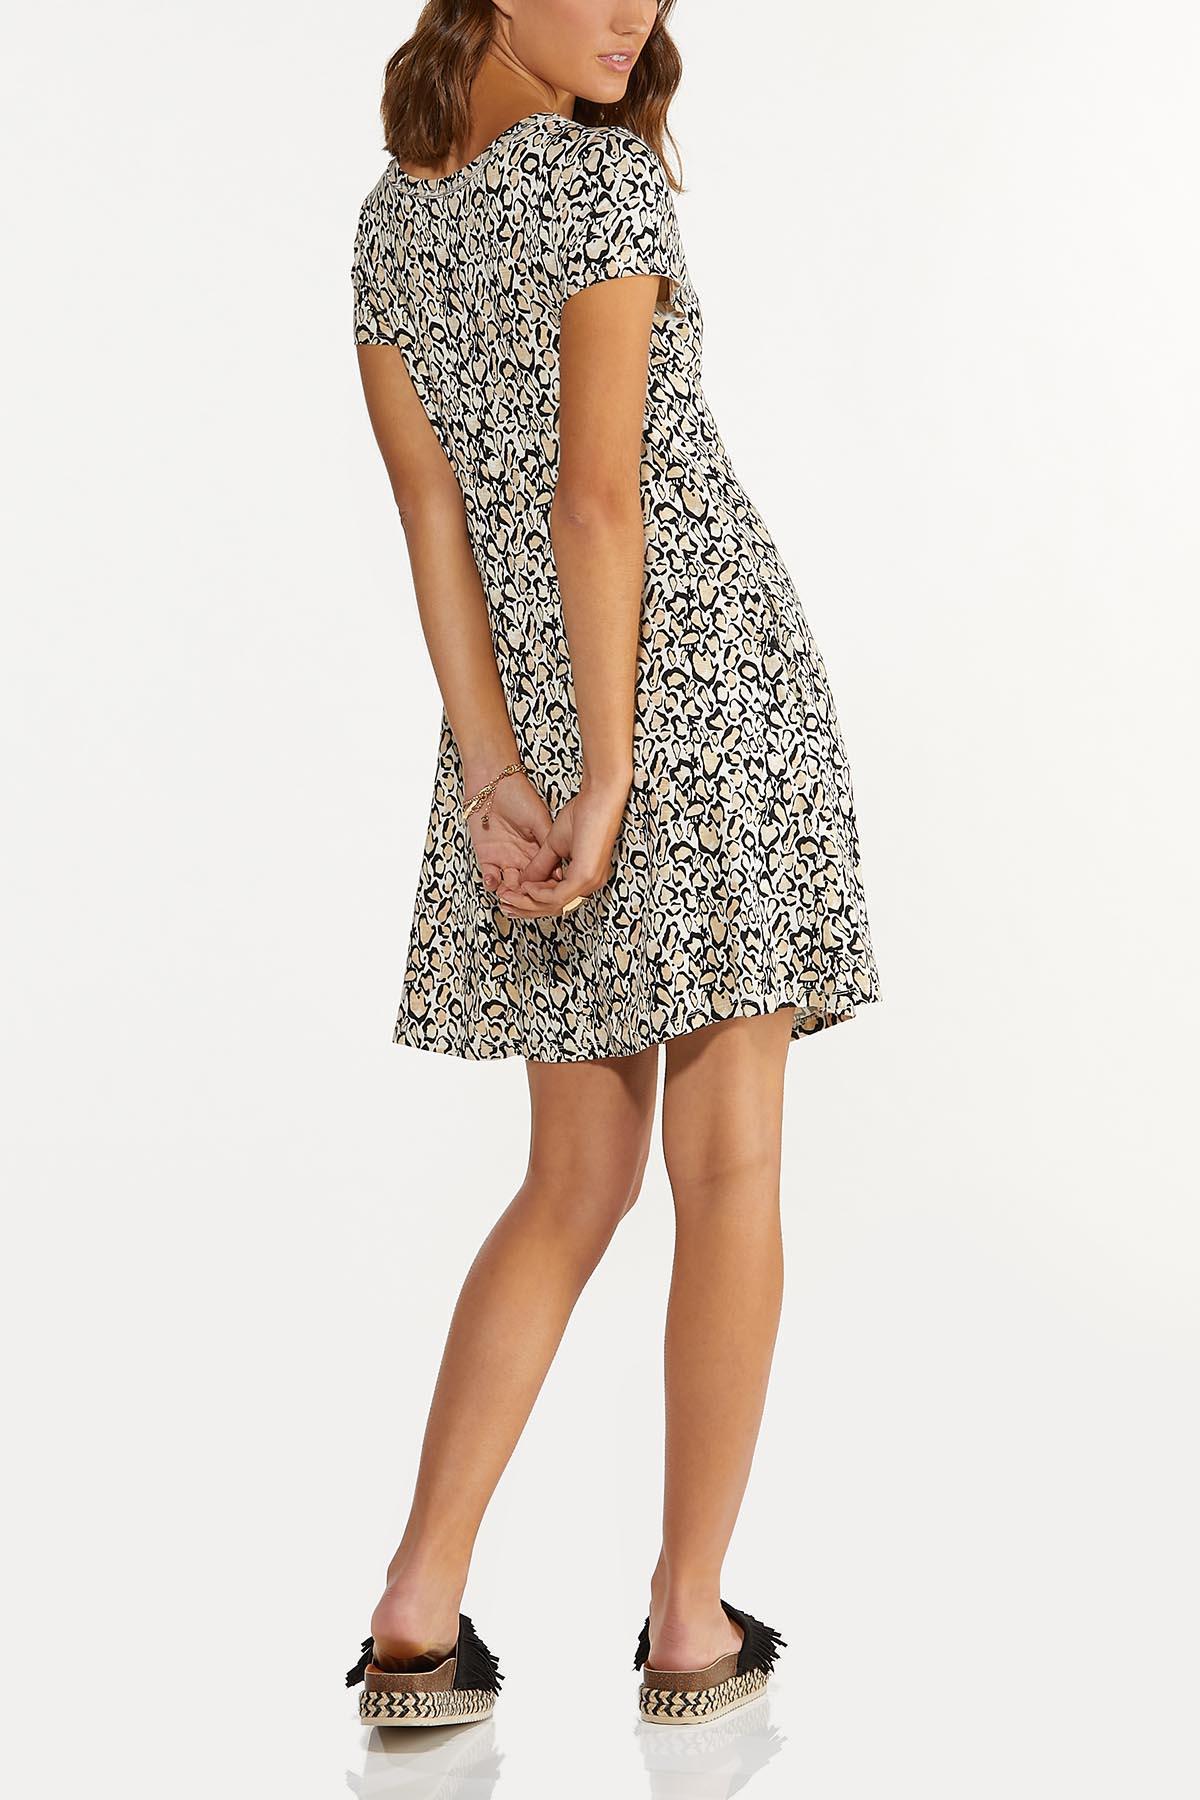 Leopard Swing Dress (Item #44655607)